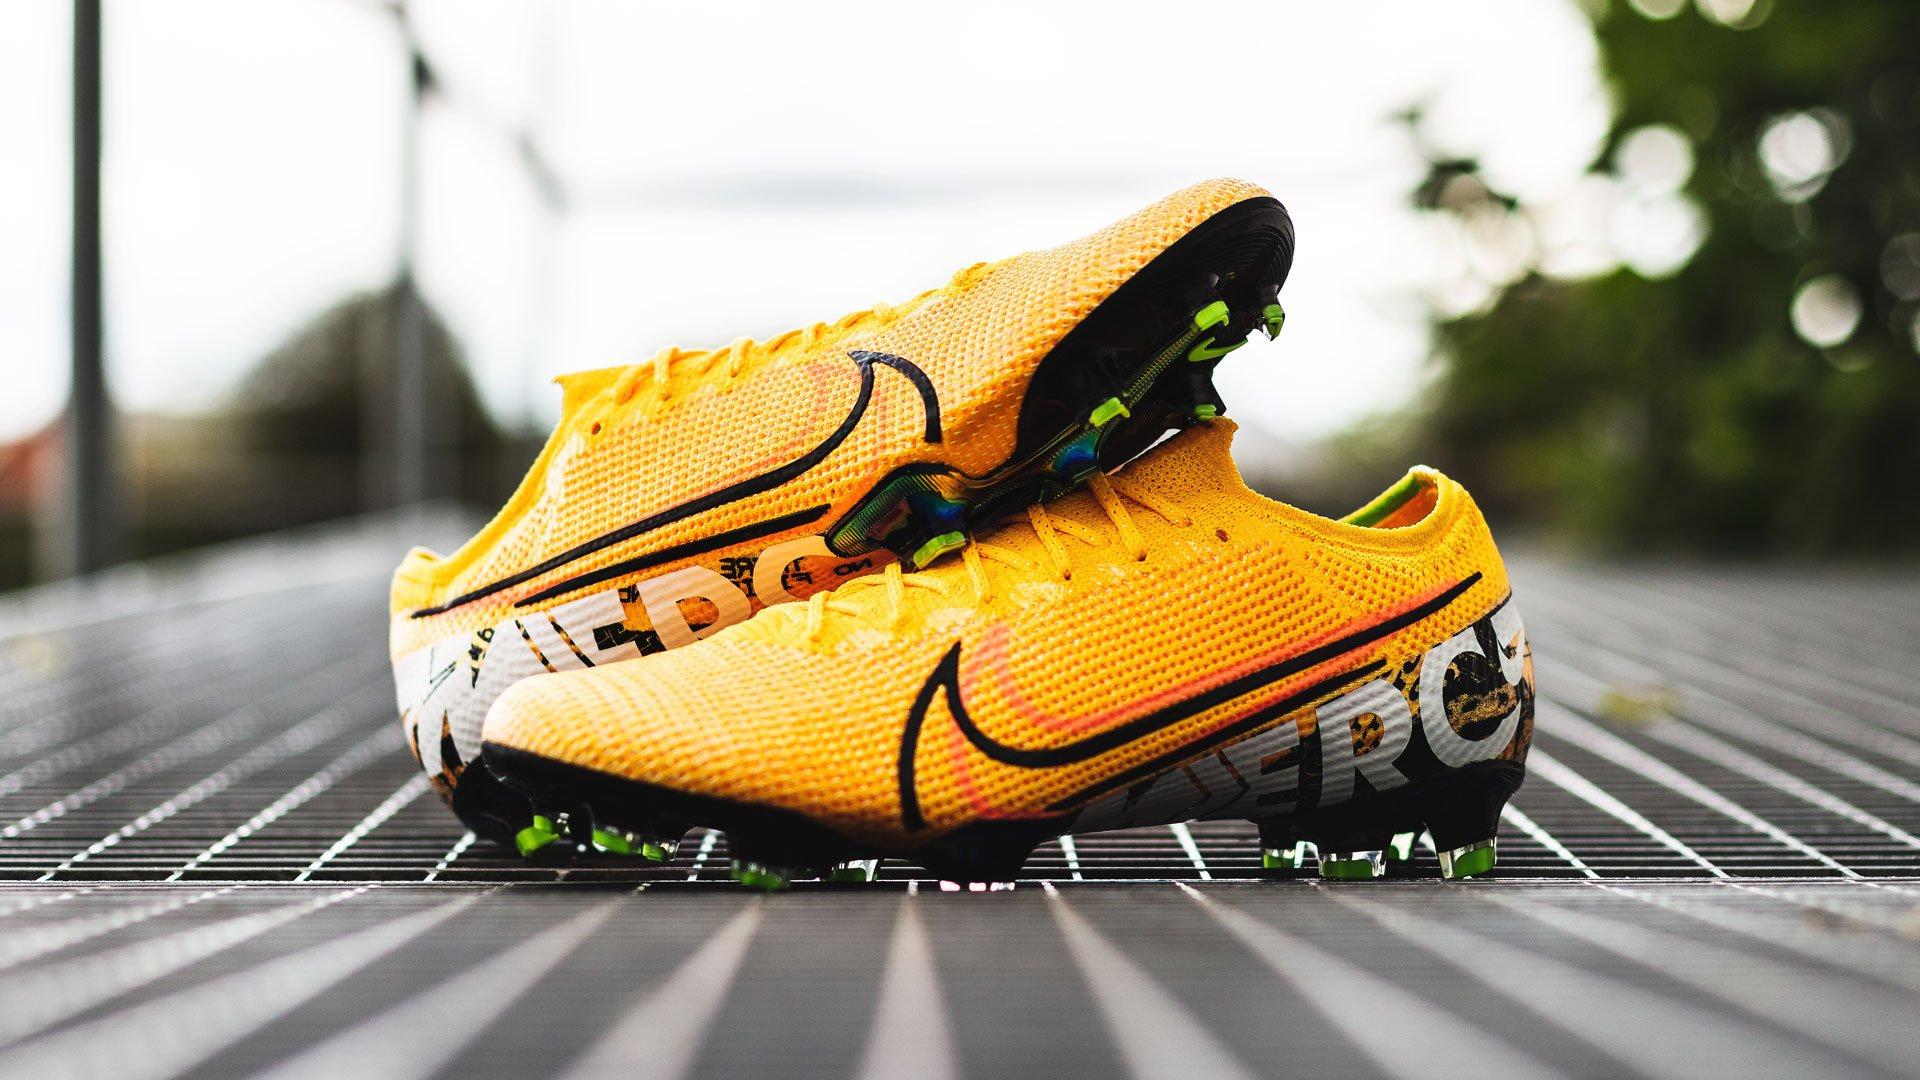 half off 860df b8f8c Nike Mercurial Orange | Get them at Unisport